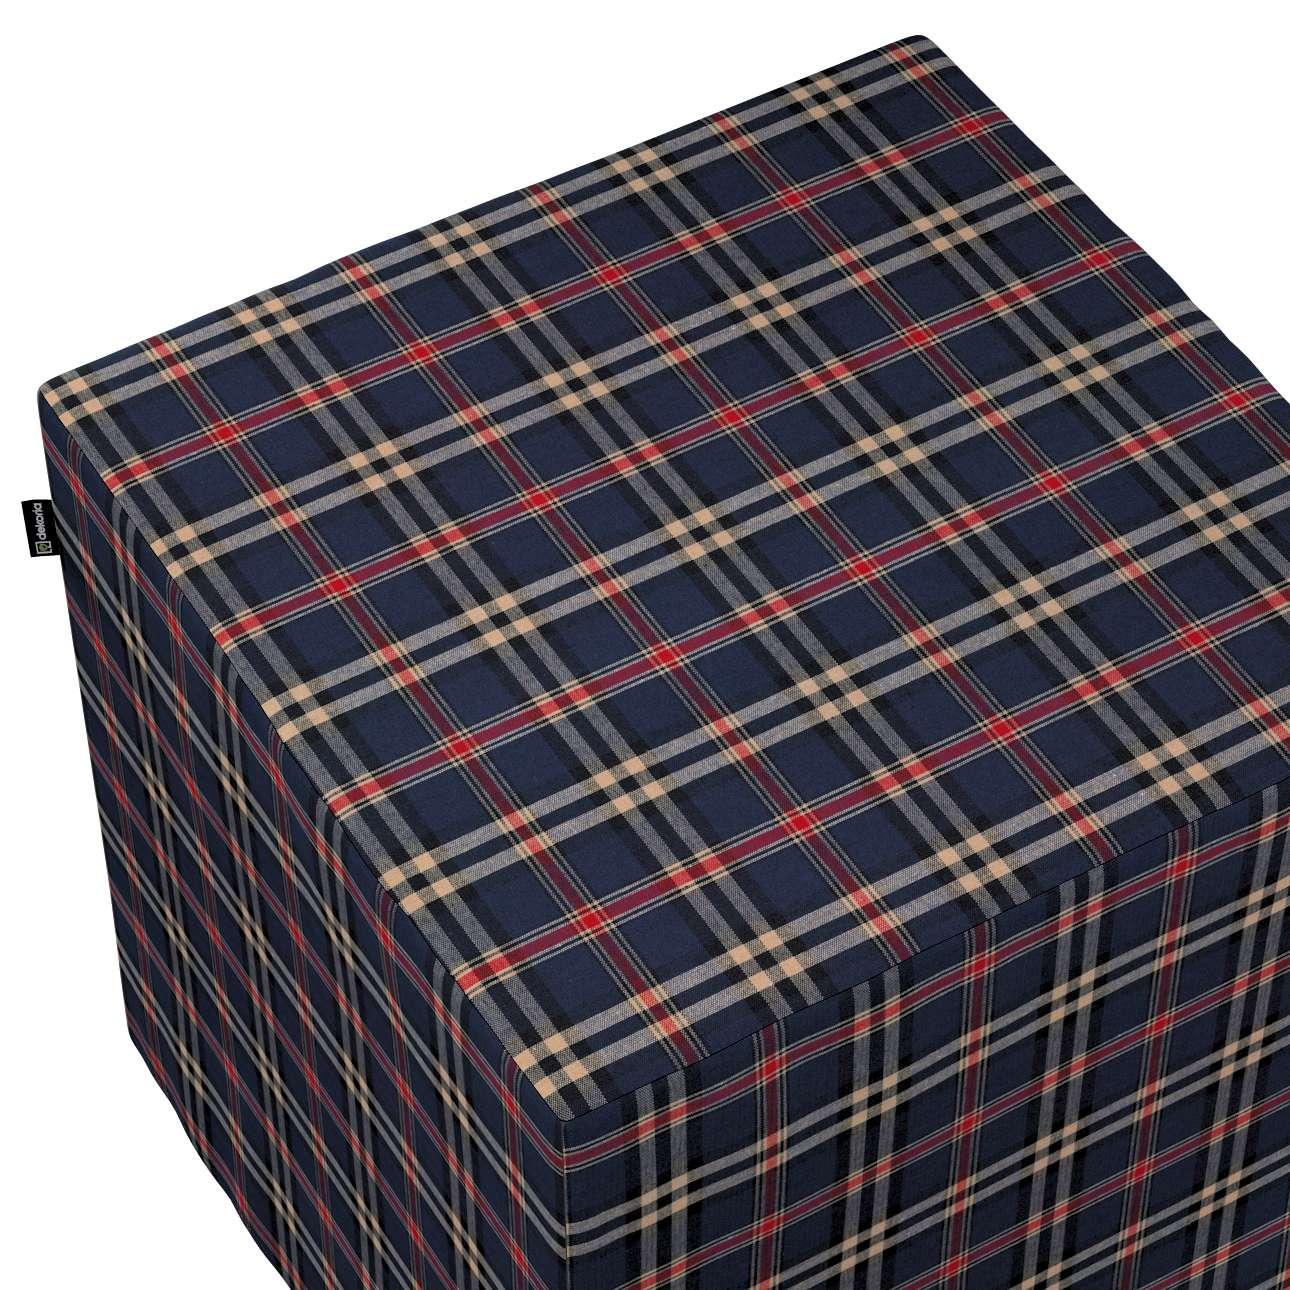 Pokrowiec na pufę kostkę w kolekcji Bristol, tkanina: 142-68